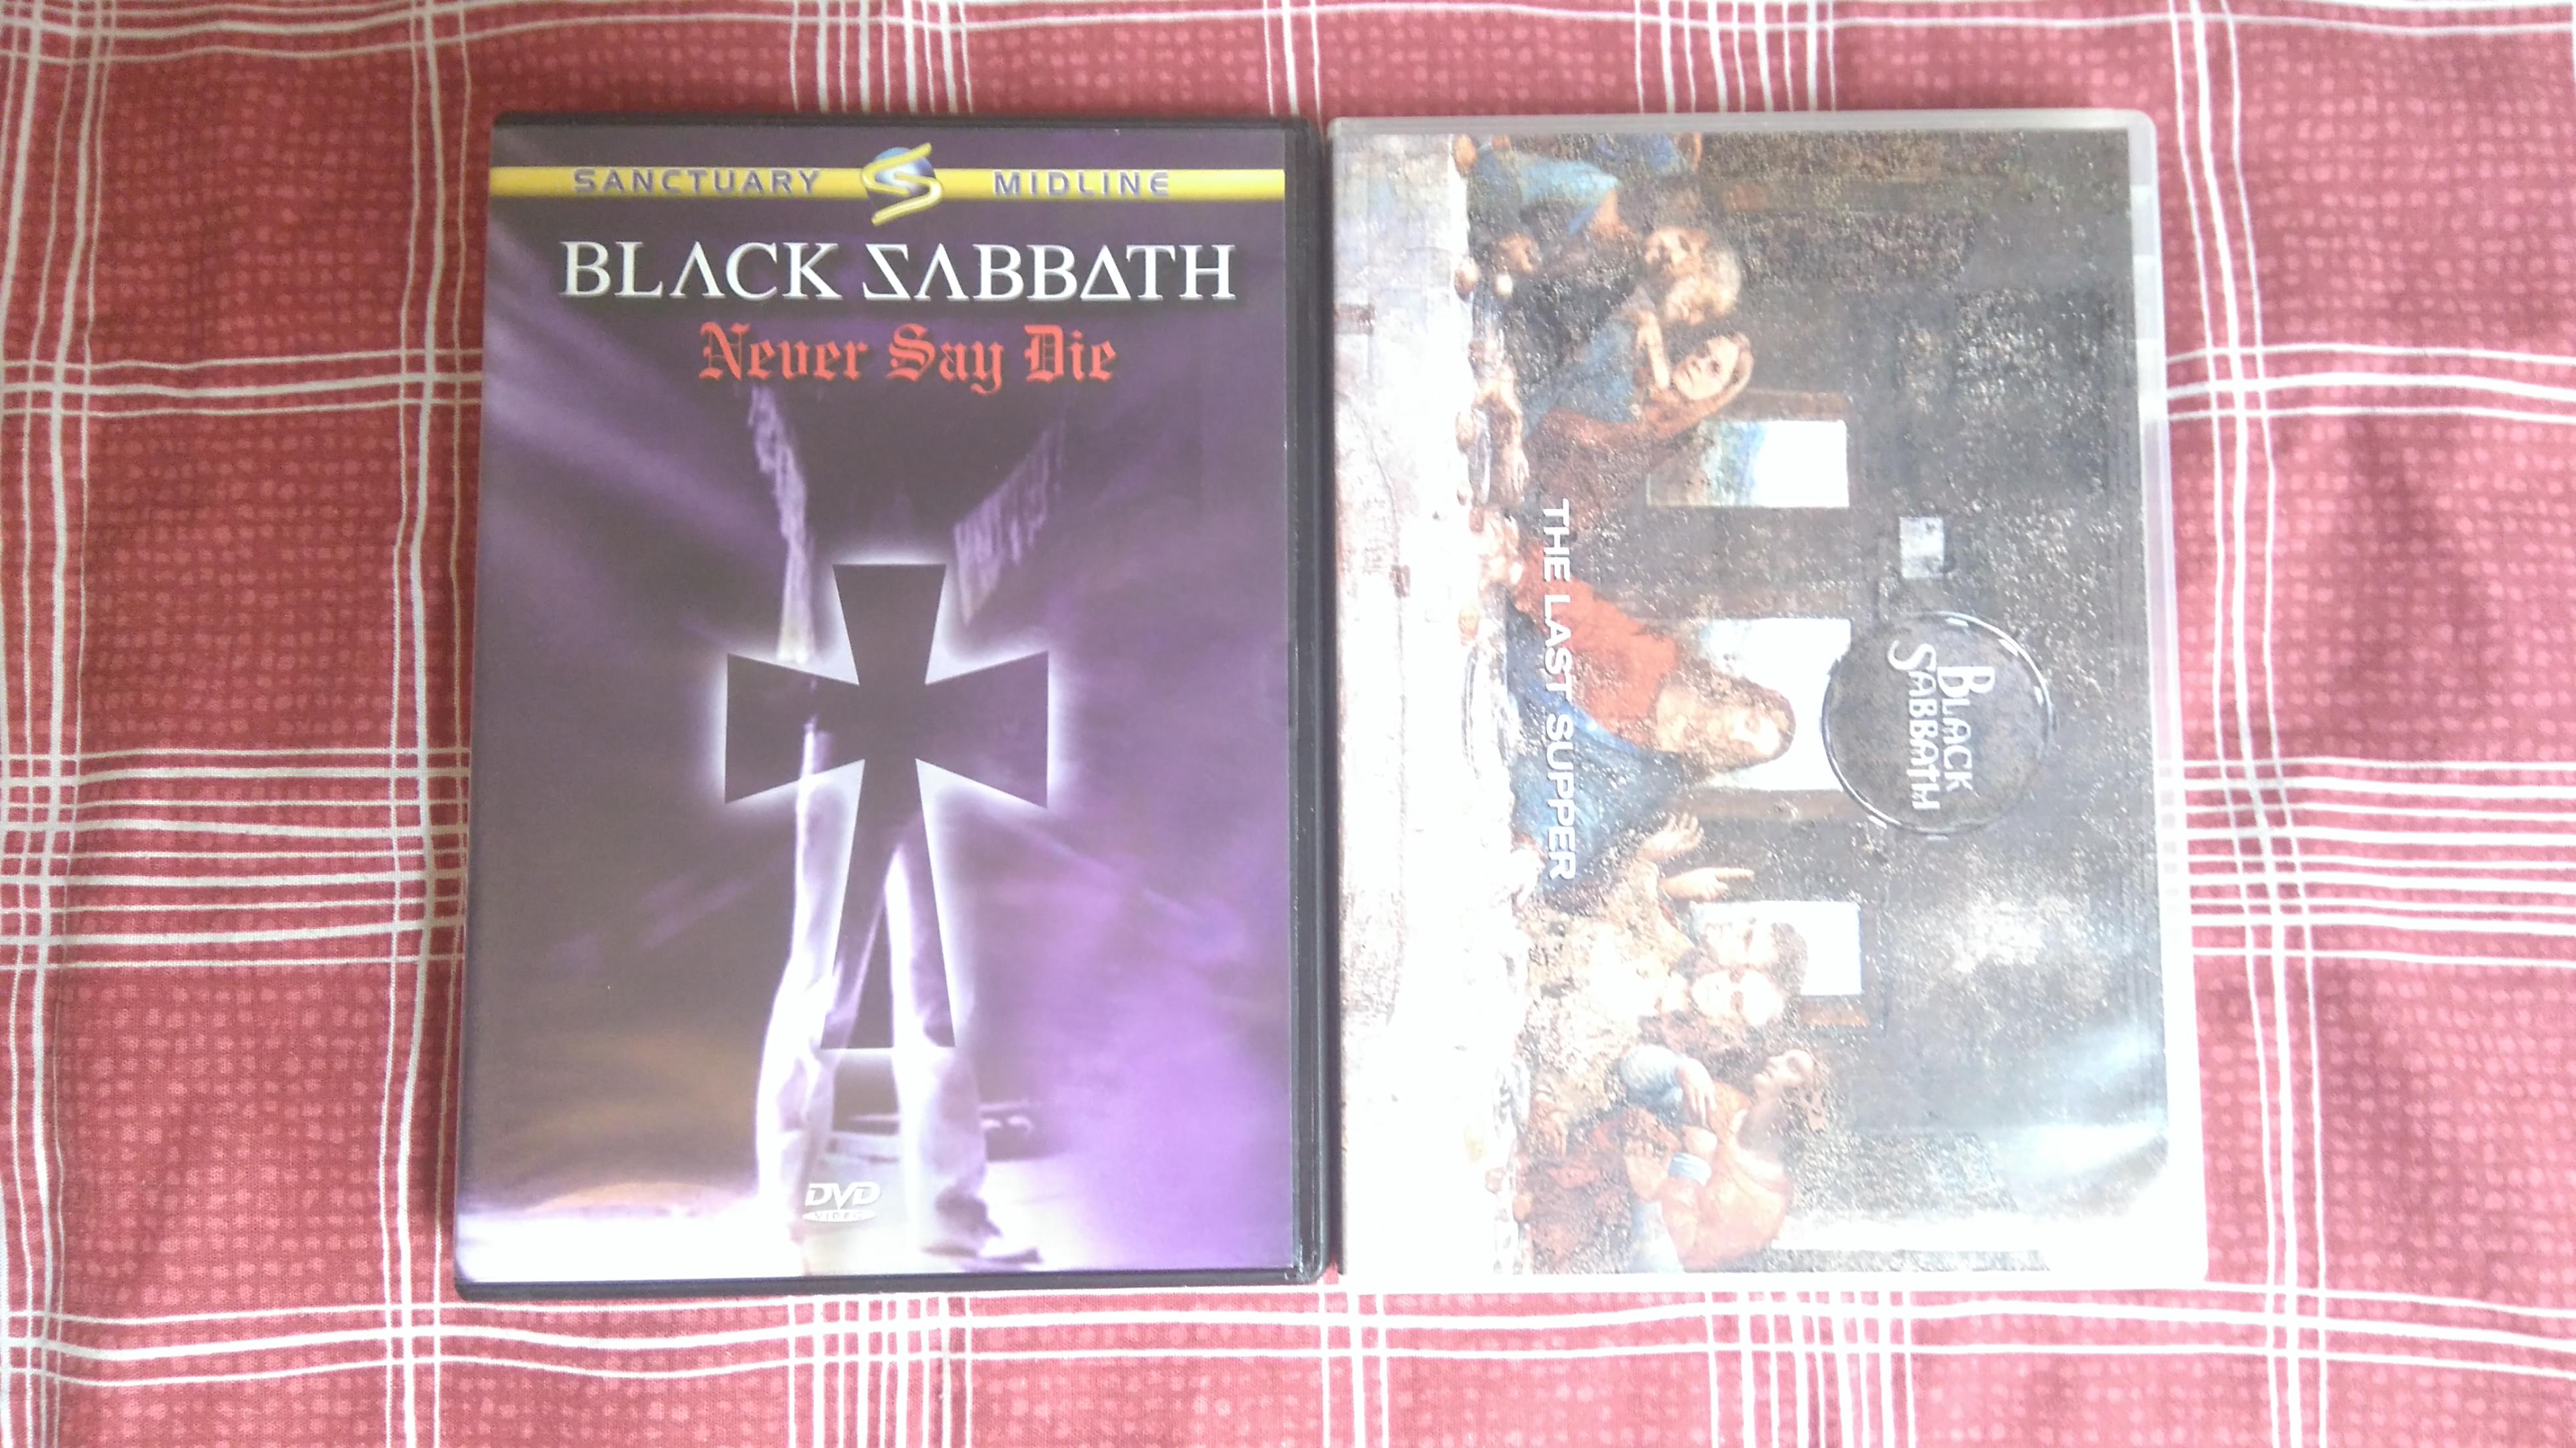 Black sabbath dvd.JPG